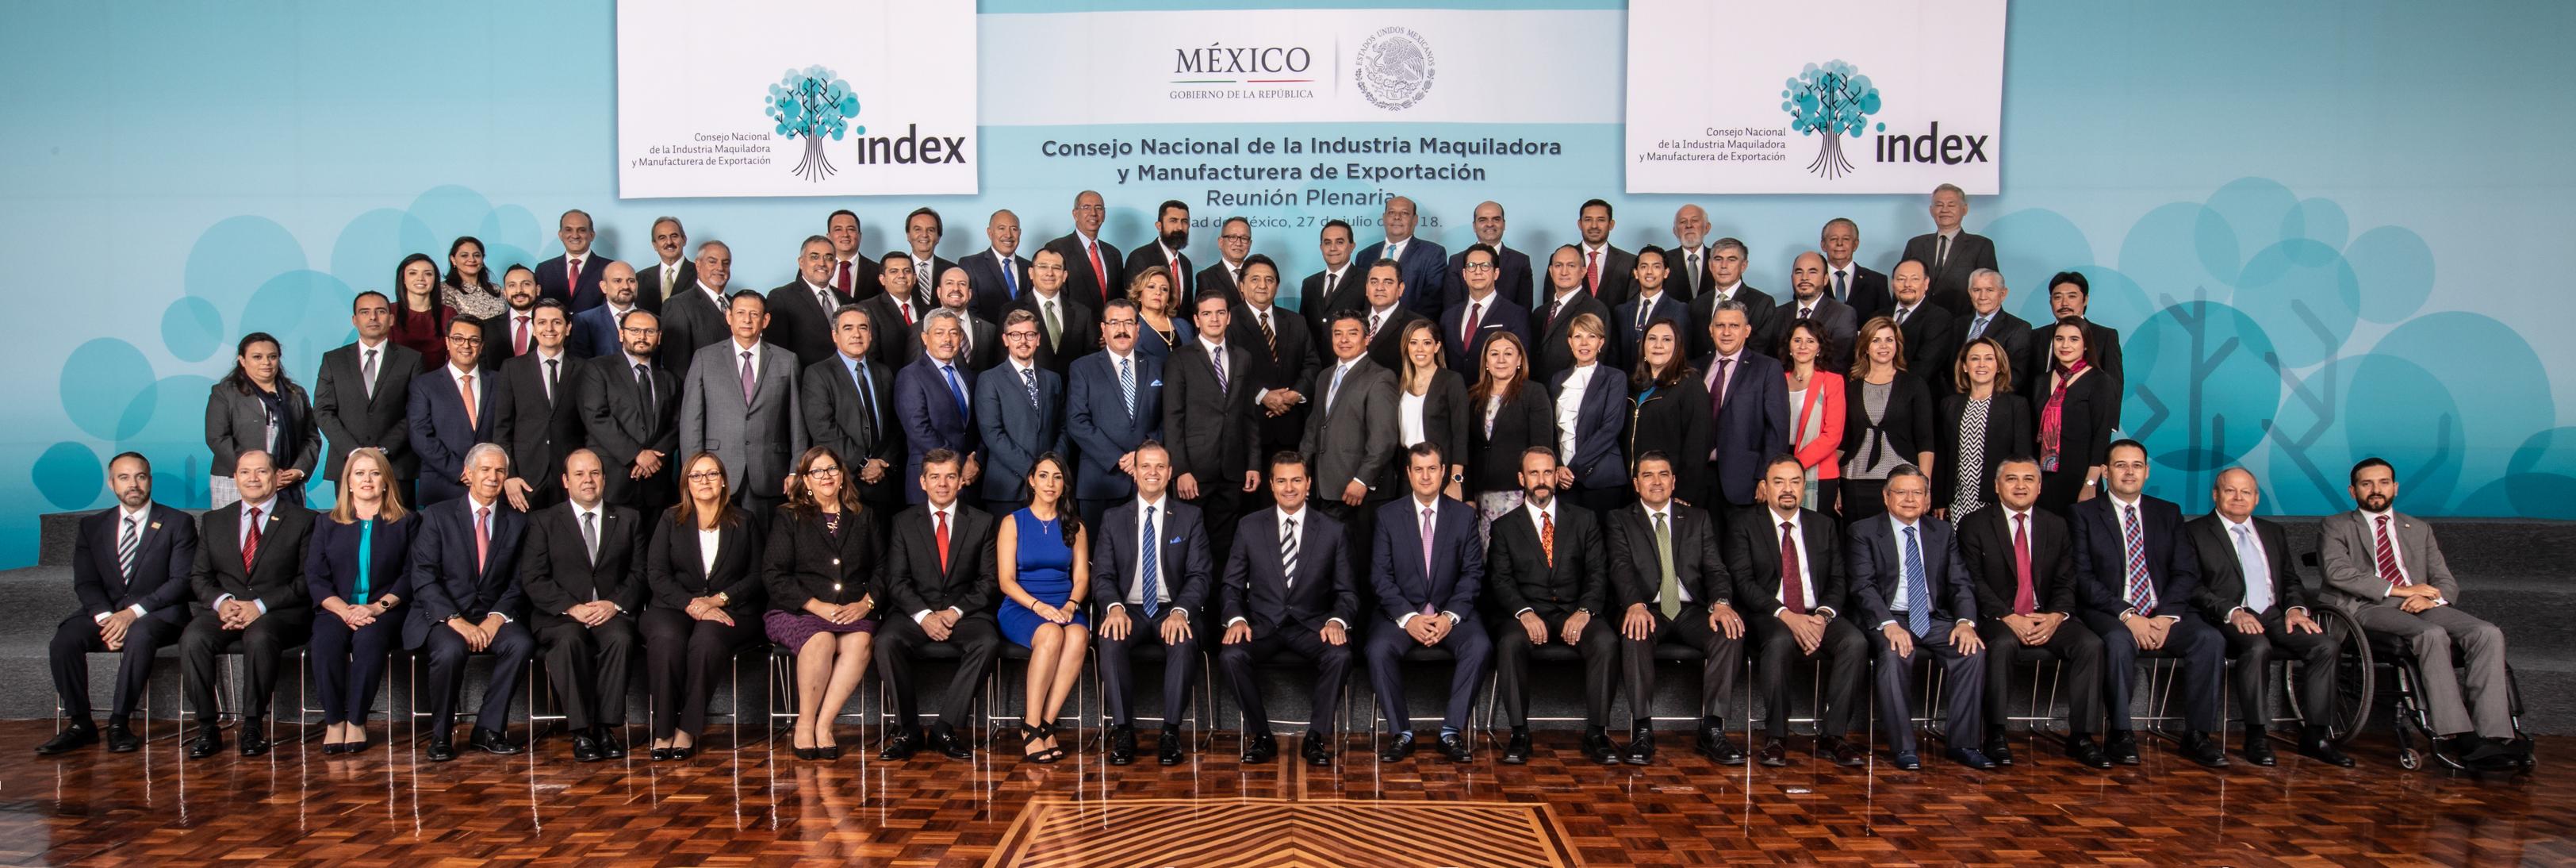 El Primer Mandatario refirió las políticas económicas que han favorecido el éxito de esta industria, la cual tiene un impacto muy notable en la generación de empleos y en el comercio de México con distintos países.